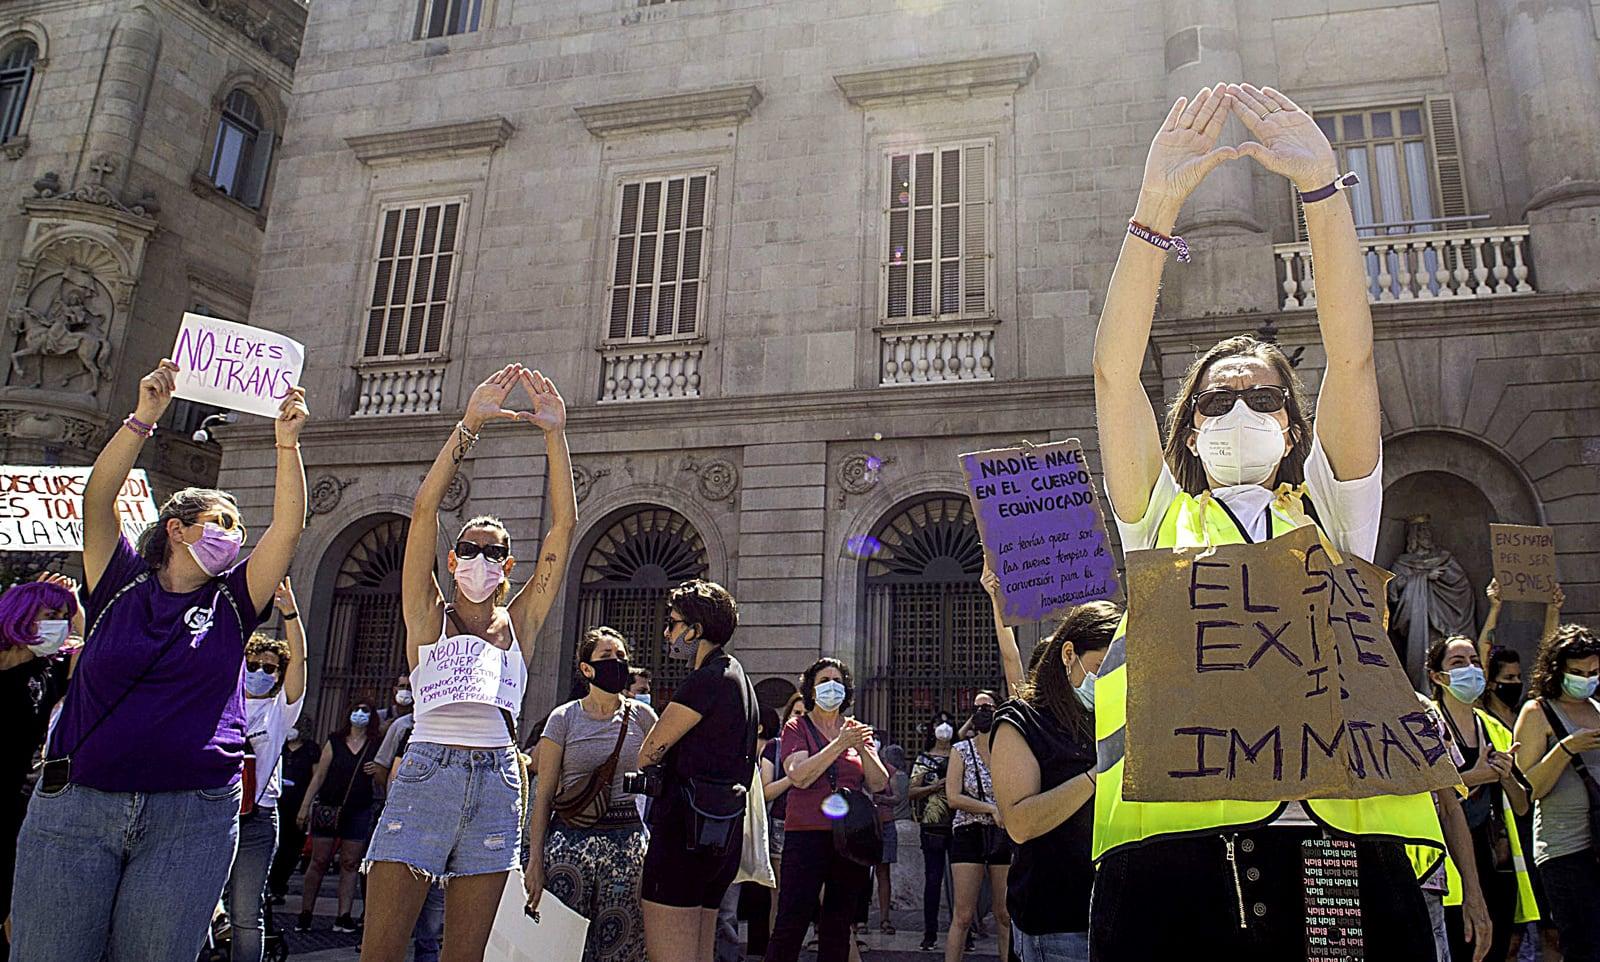 Manifestació feminista contra la llei trans a la Plaça de Sant Jaume, el 26 de juny. Fotografia de Thiago Prudencio. SOPA. ZUMA Wire.